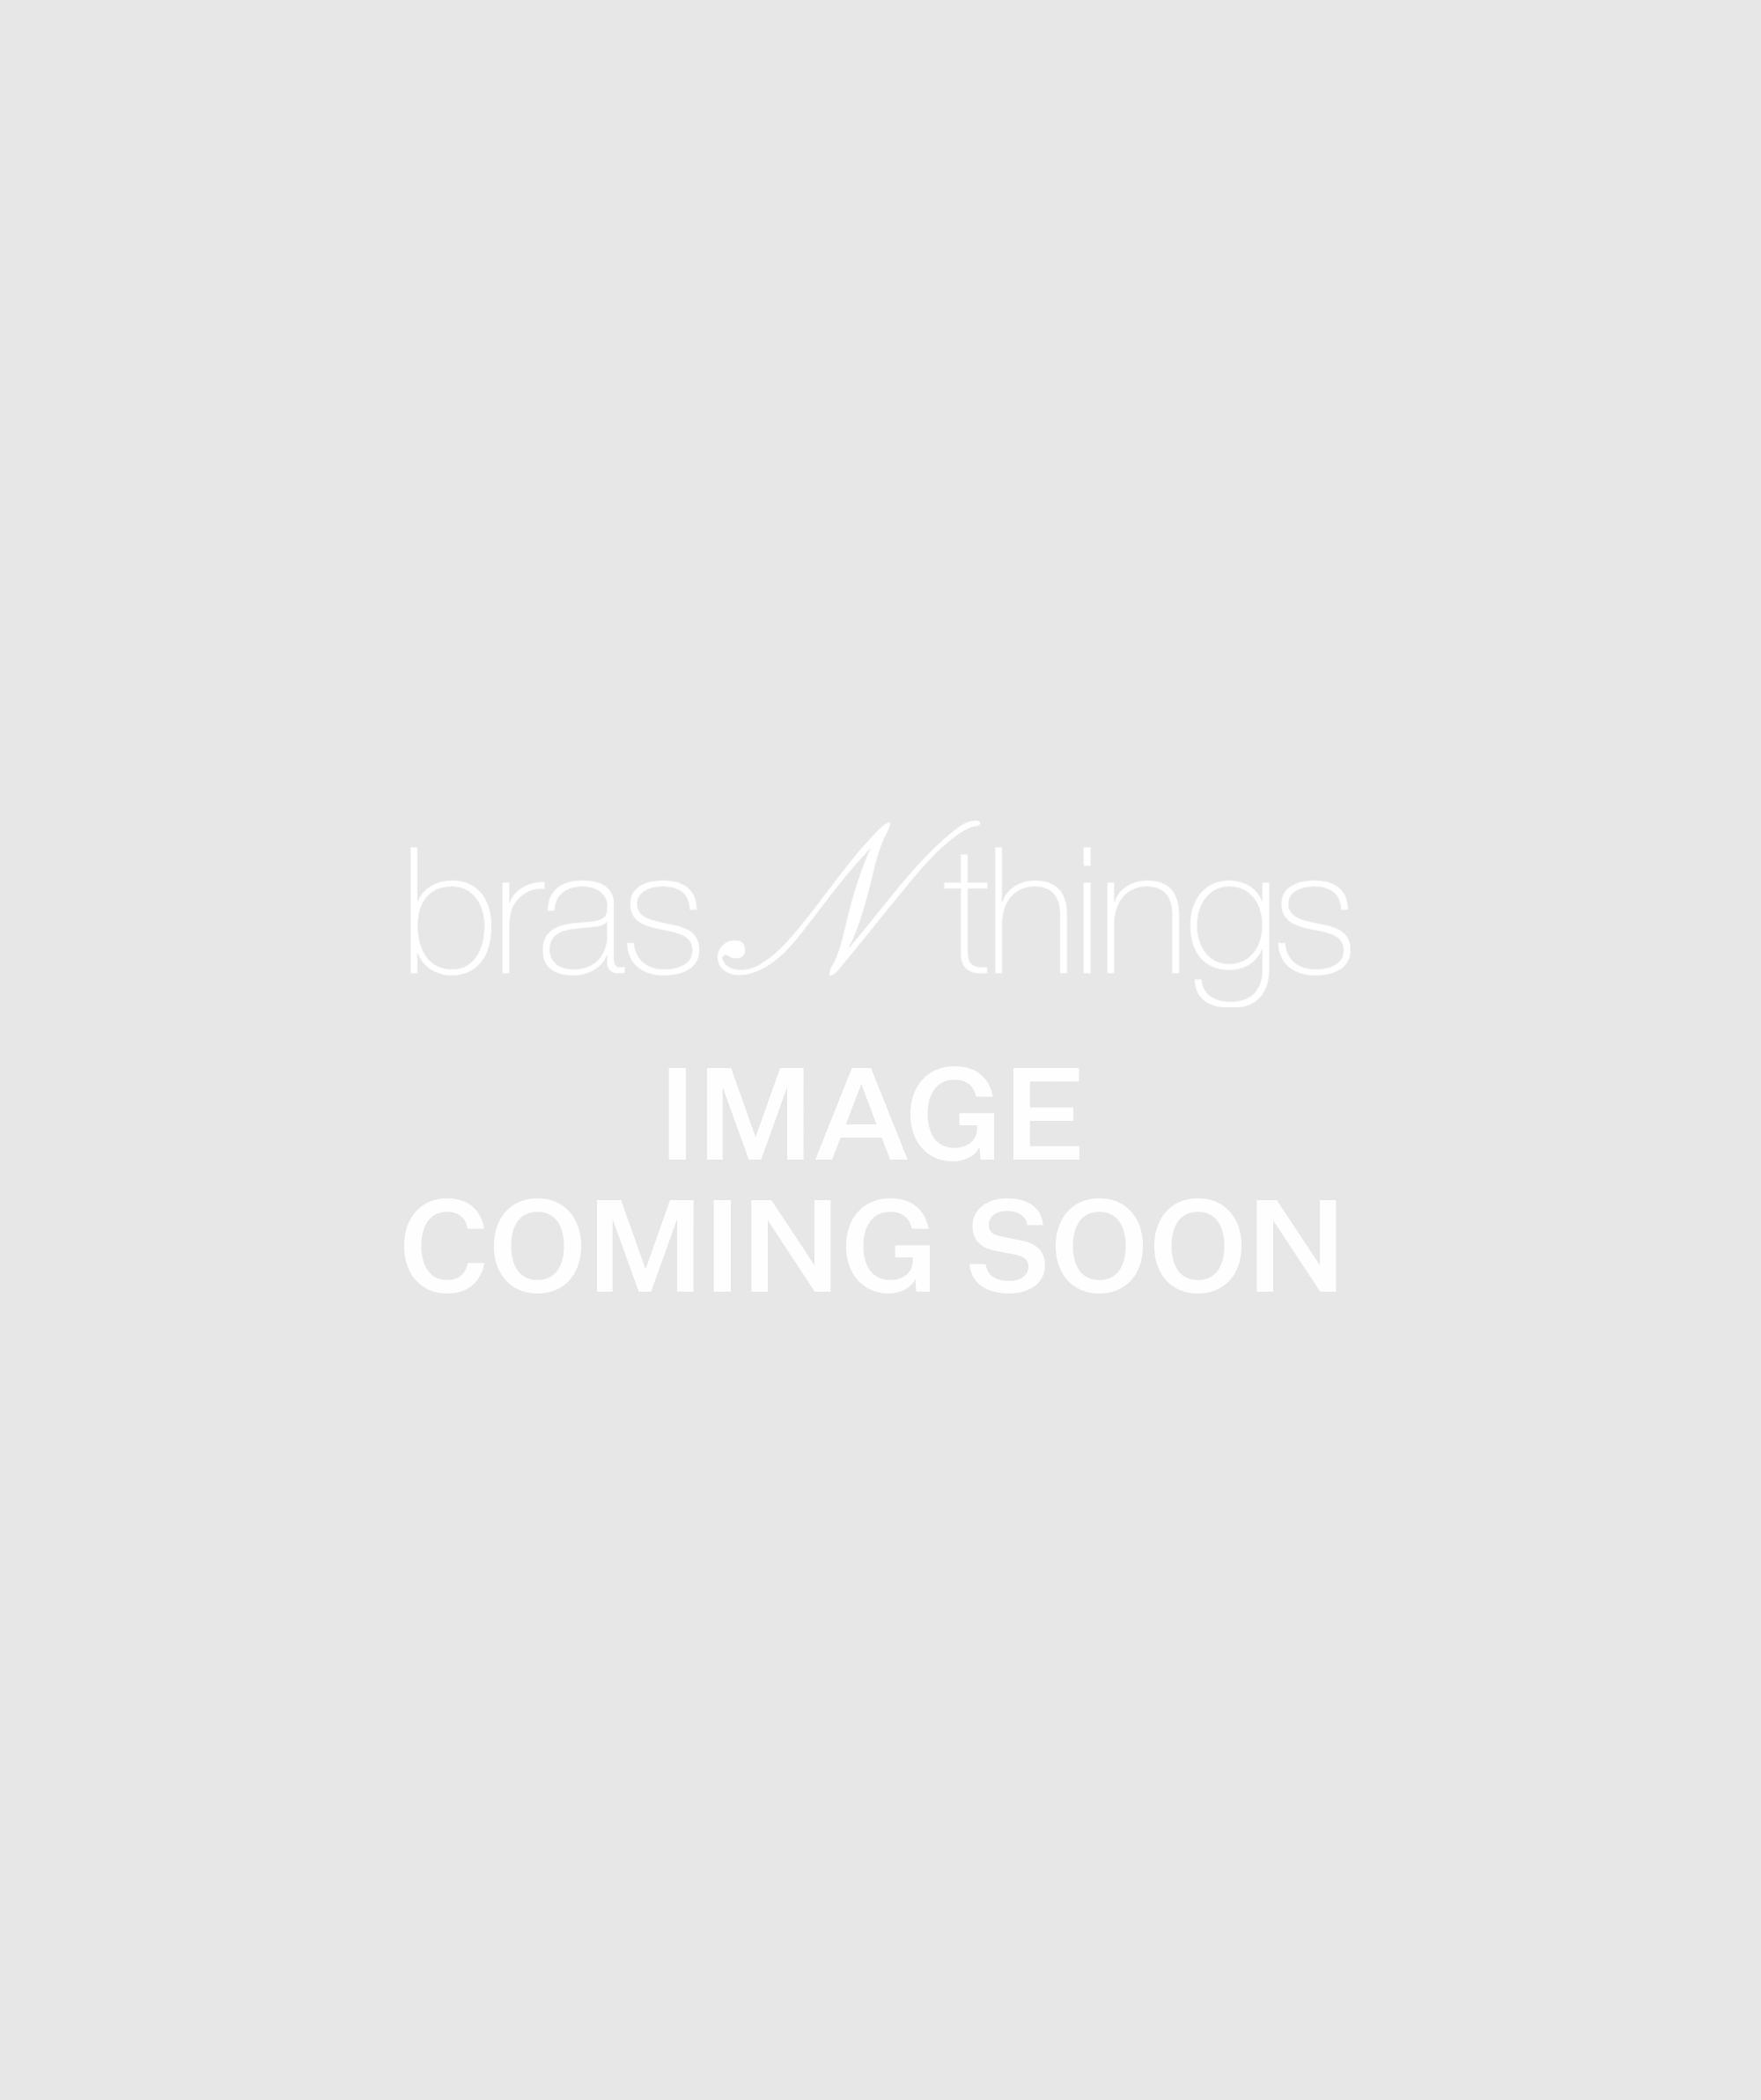 Body Bliss Bikini Cut Knicker - Navy